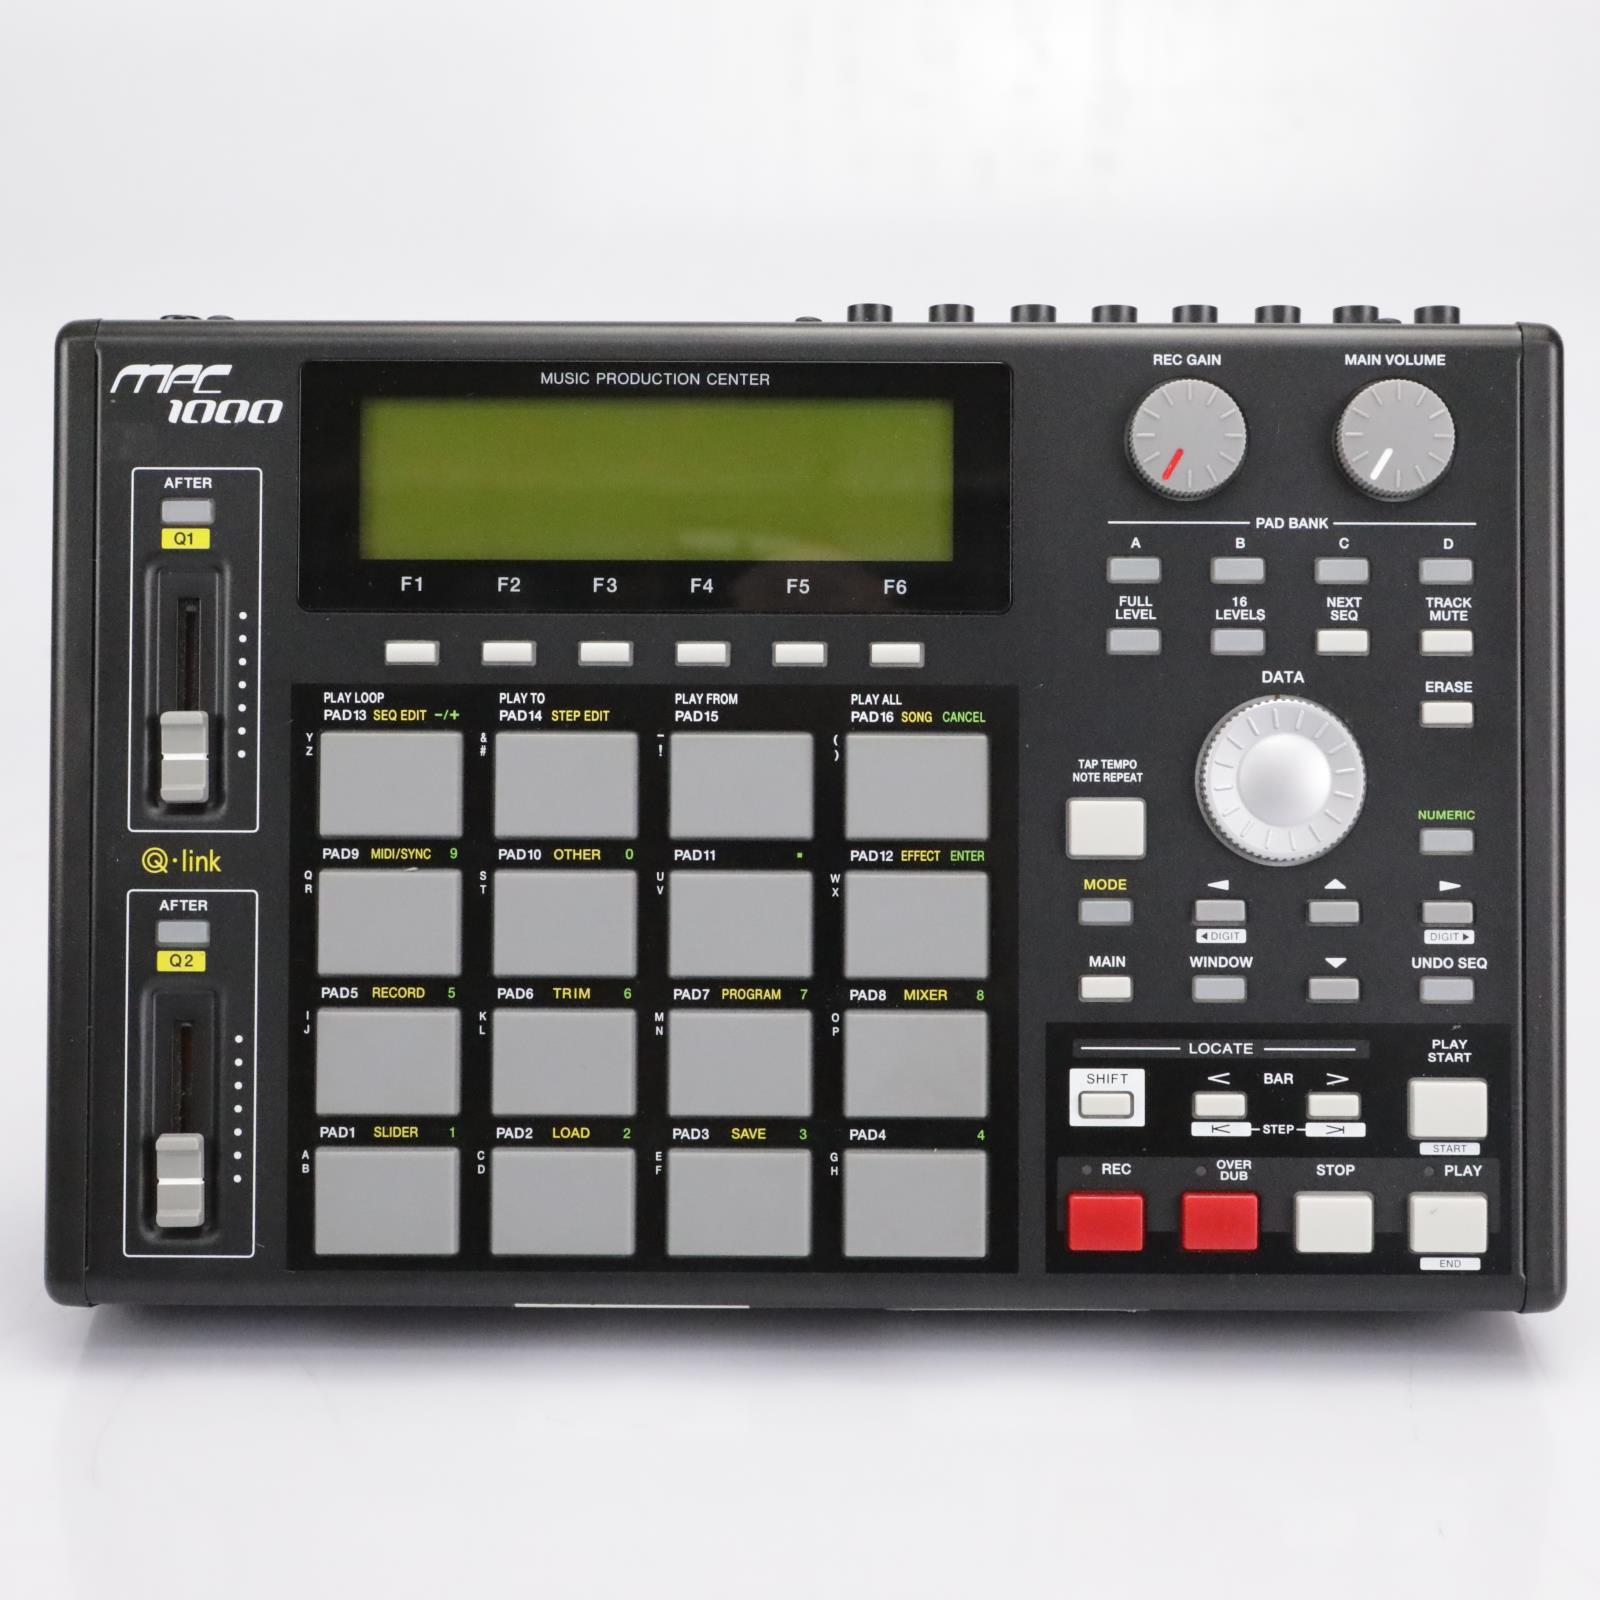 Akai MPC-1000 Music Production Center Sampler Drum Machine w/Box #42708